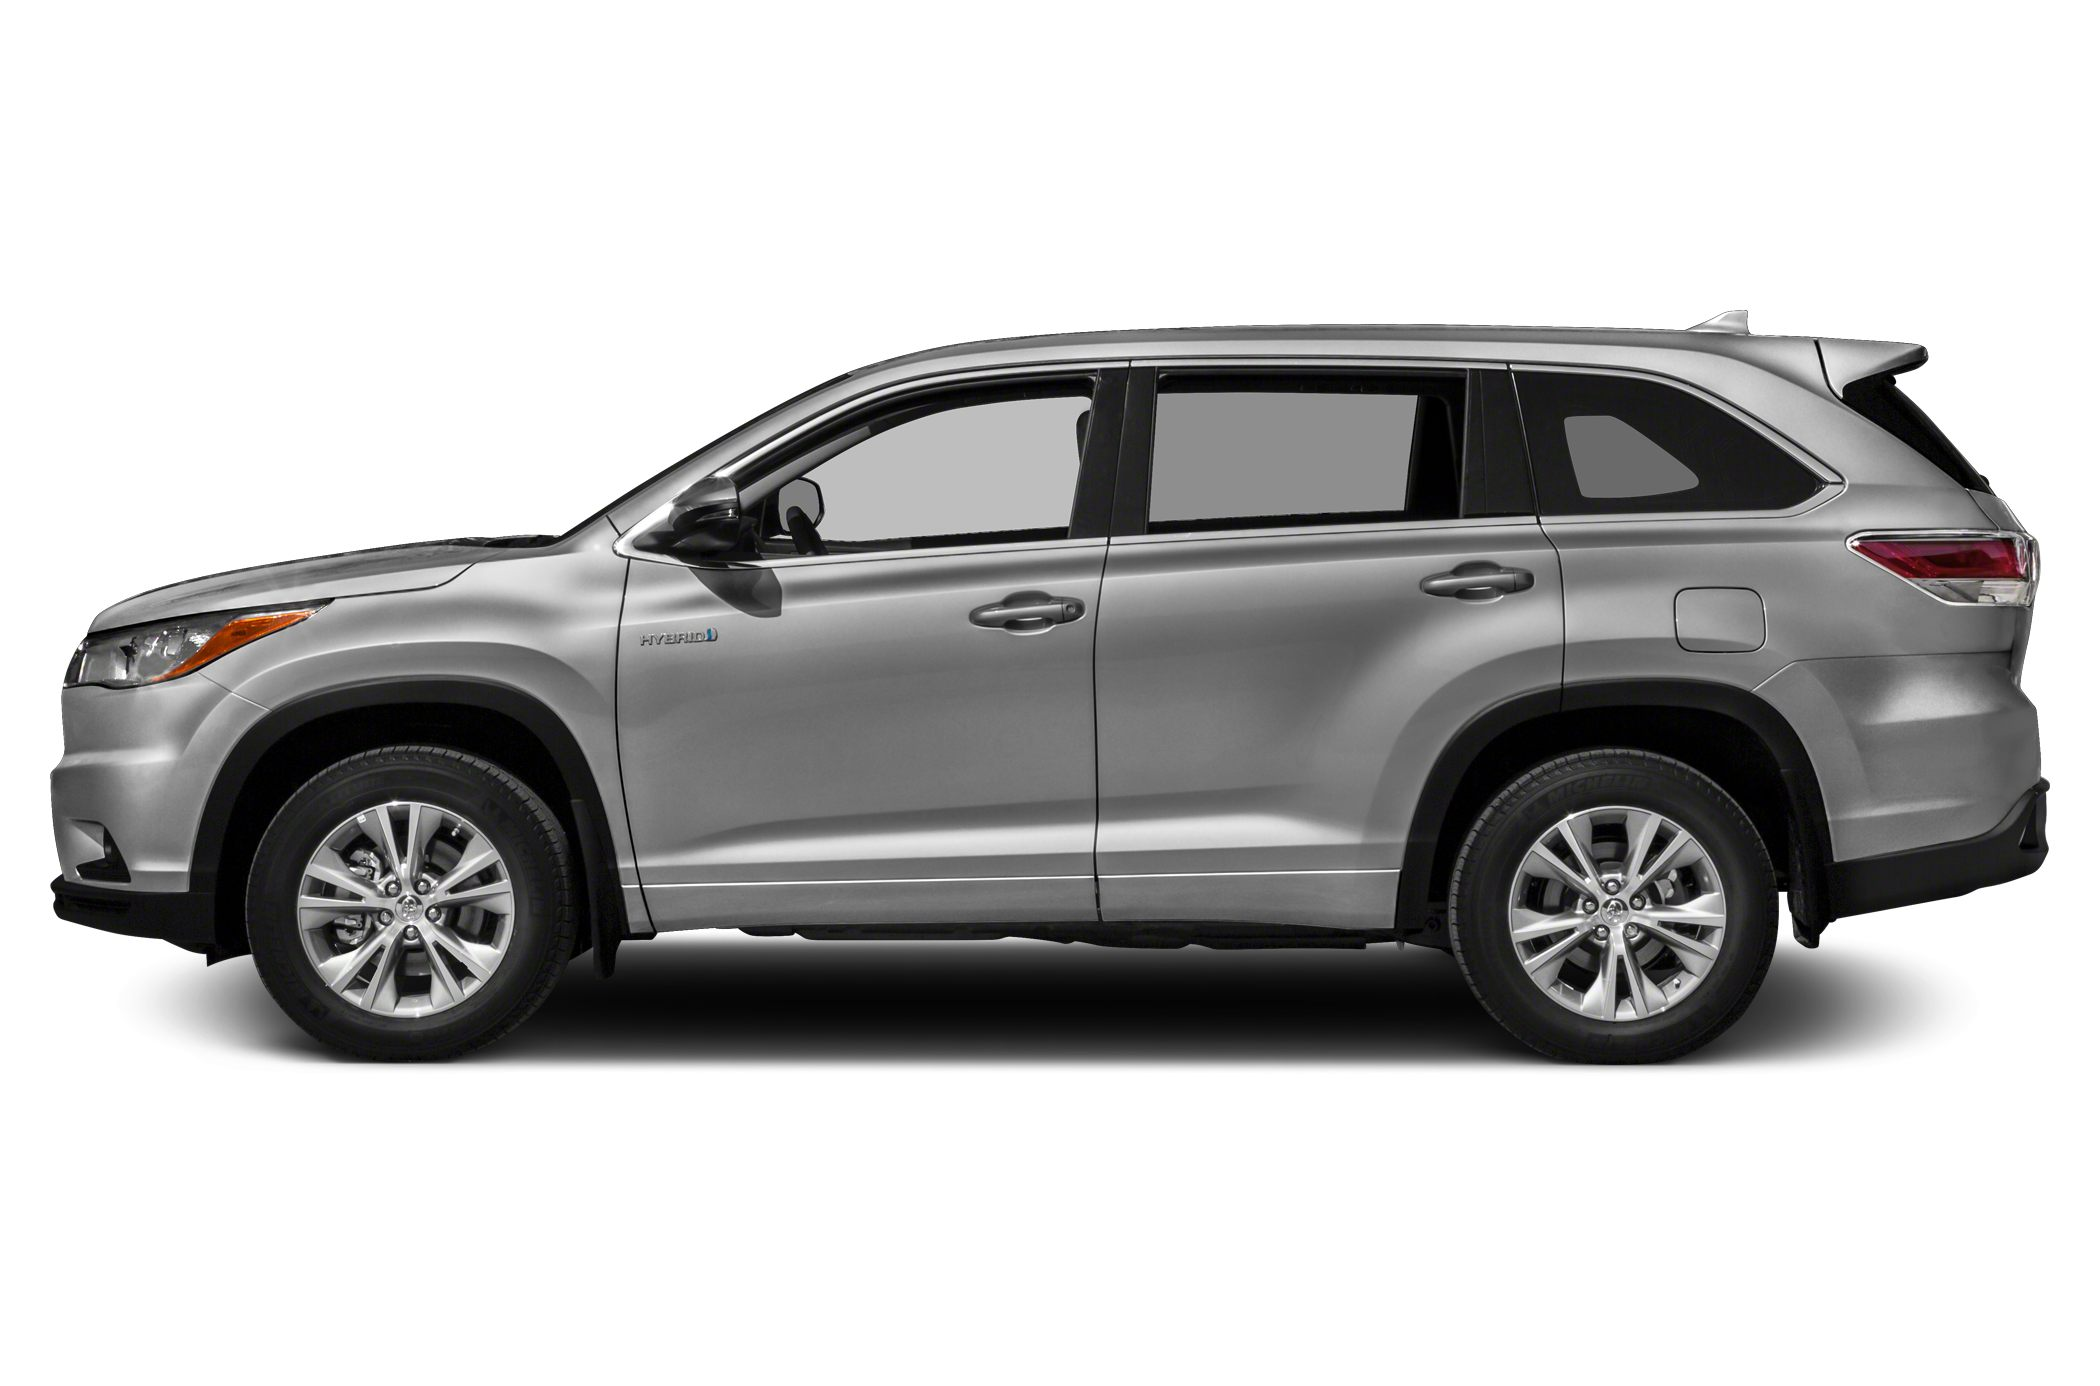 2014 Toyota Highlander Hybrid Glam